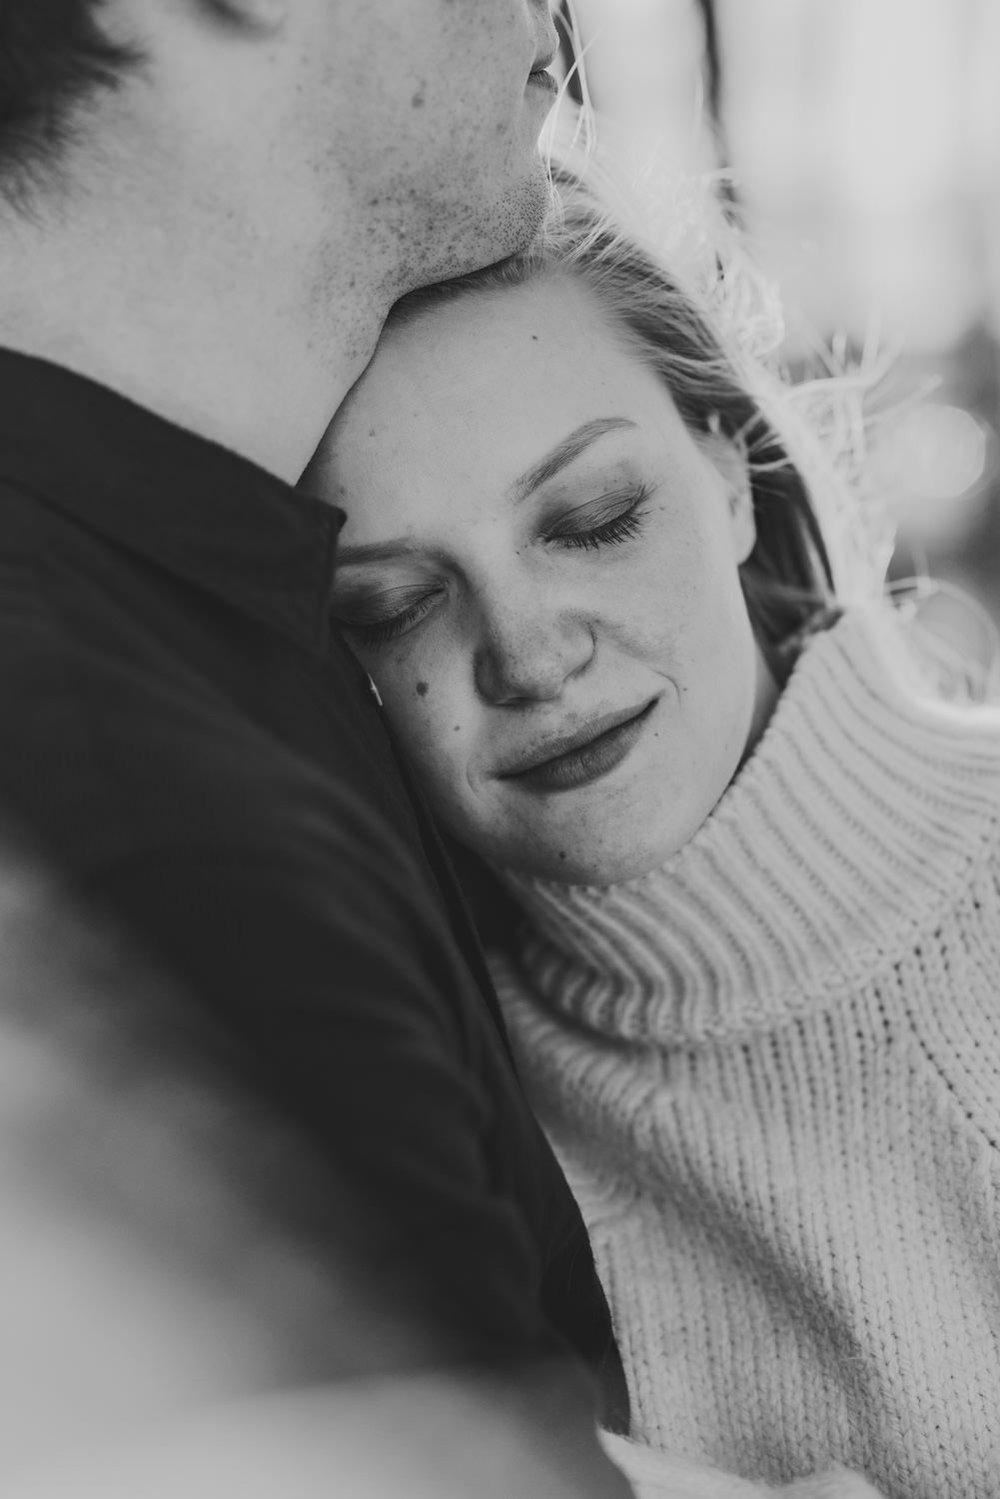 Fotograf-Martin-Bonden-forlovelse-klem.jpg